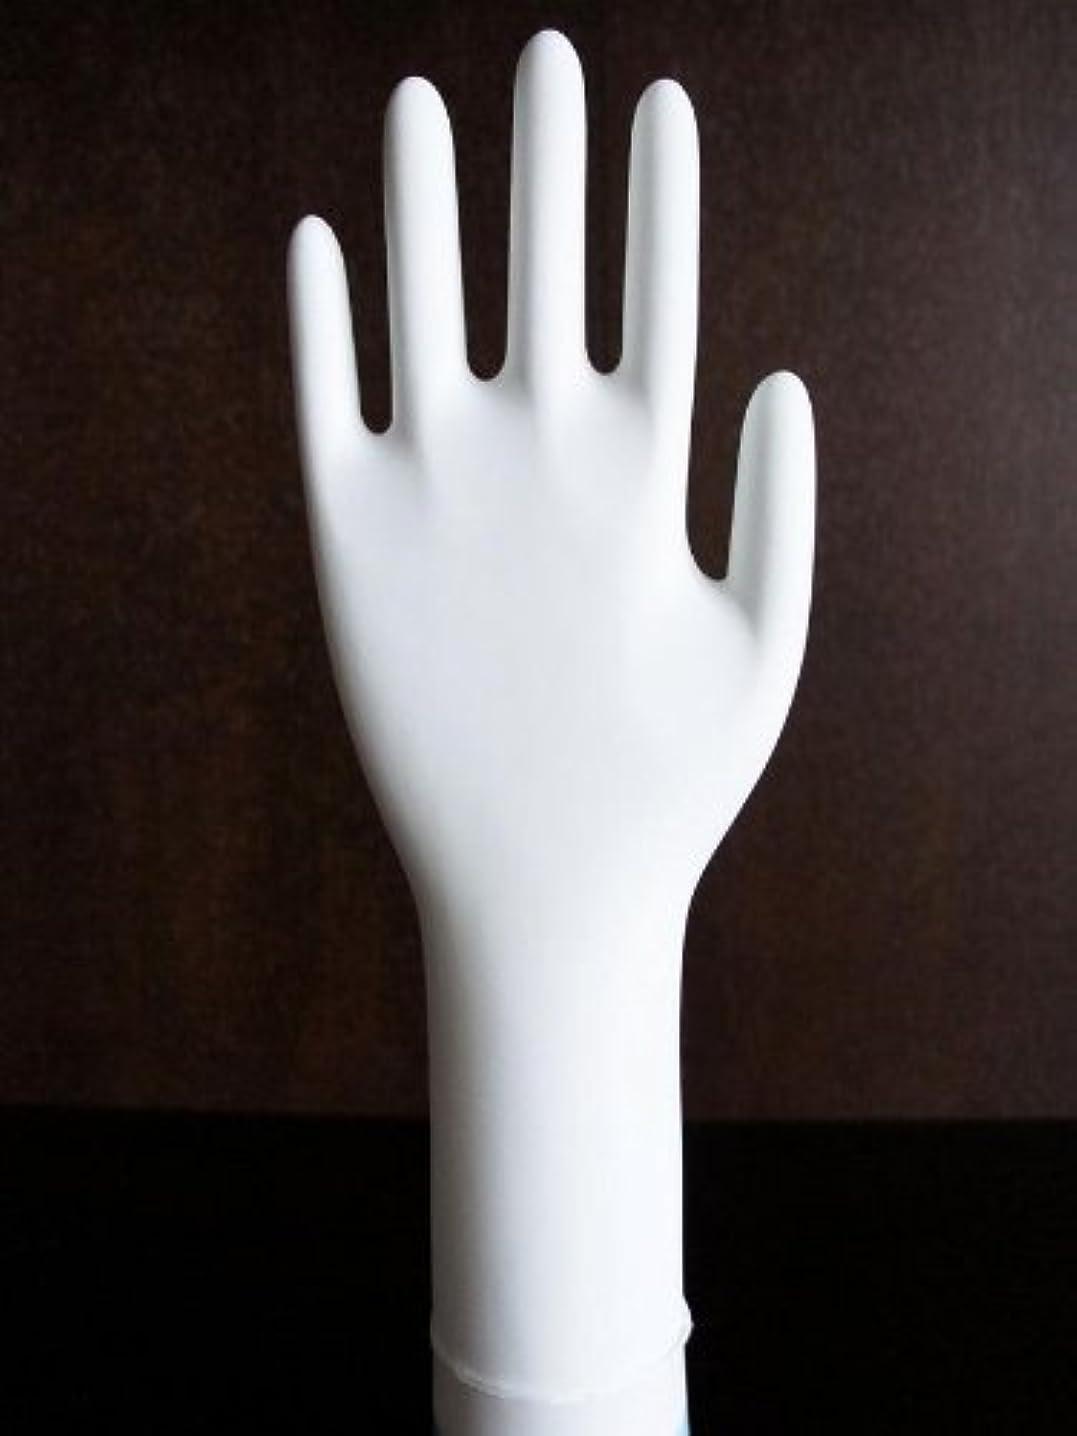 メンダシティ金額勤勉な三高サプライ ニトリル手袋 クラス100 クリアグリップ ロング(半透明) GN09 100枚入り XS